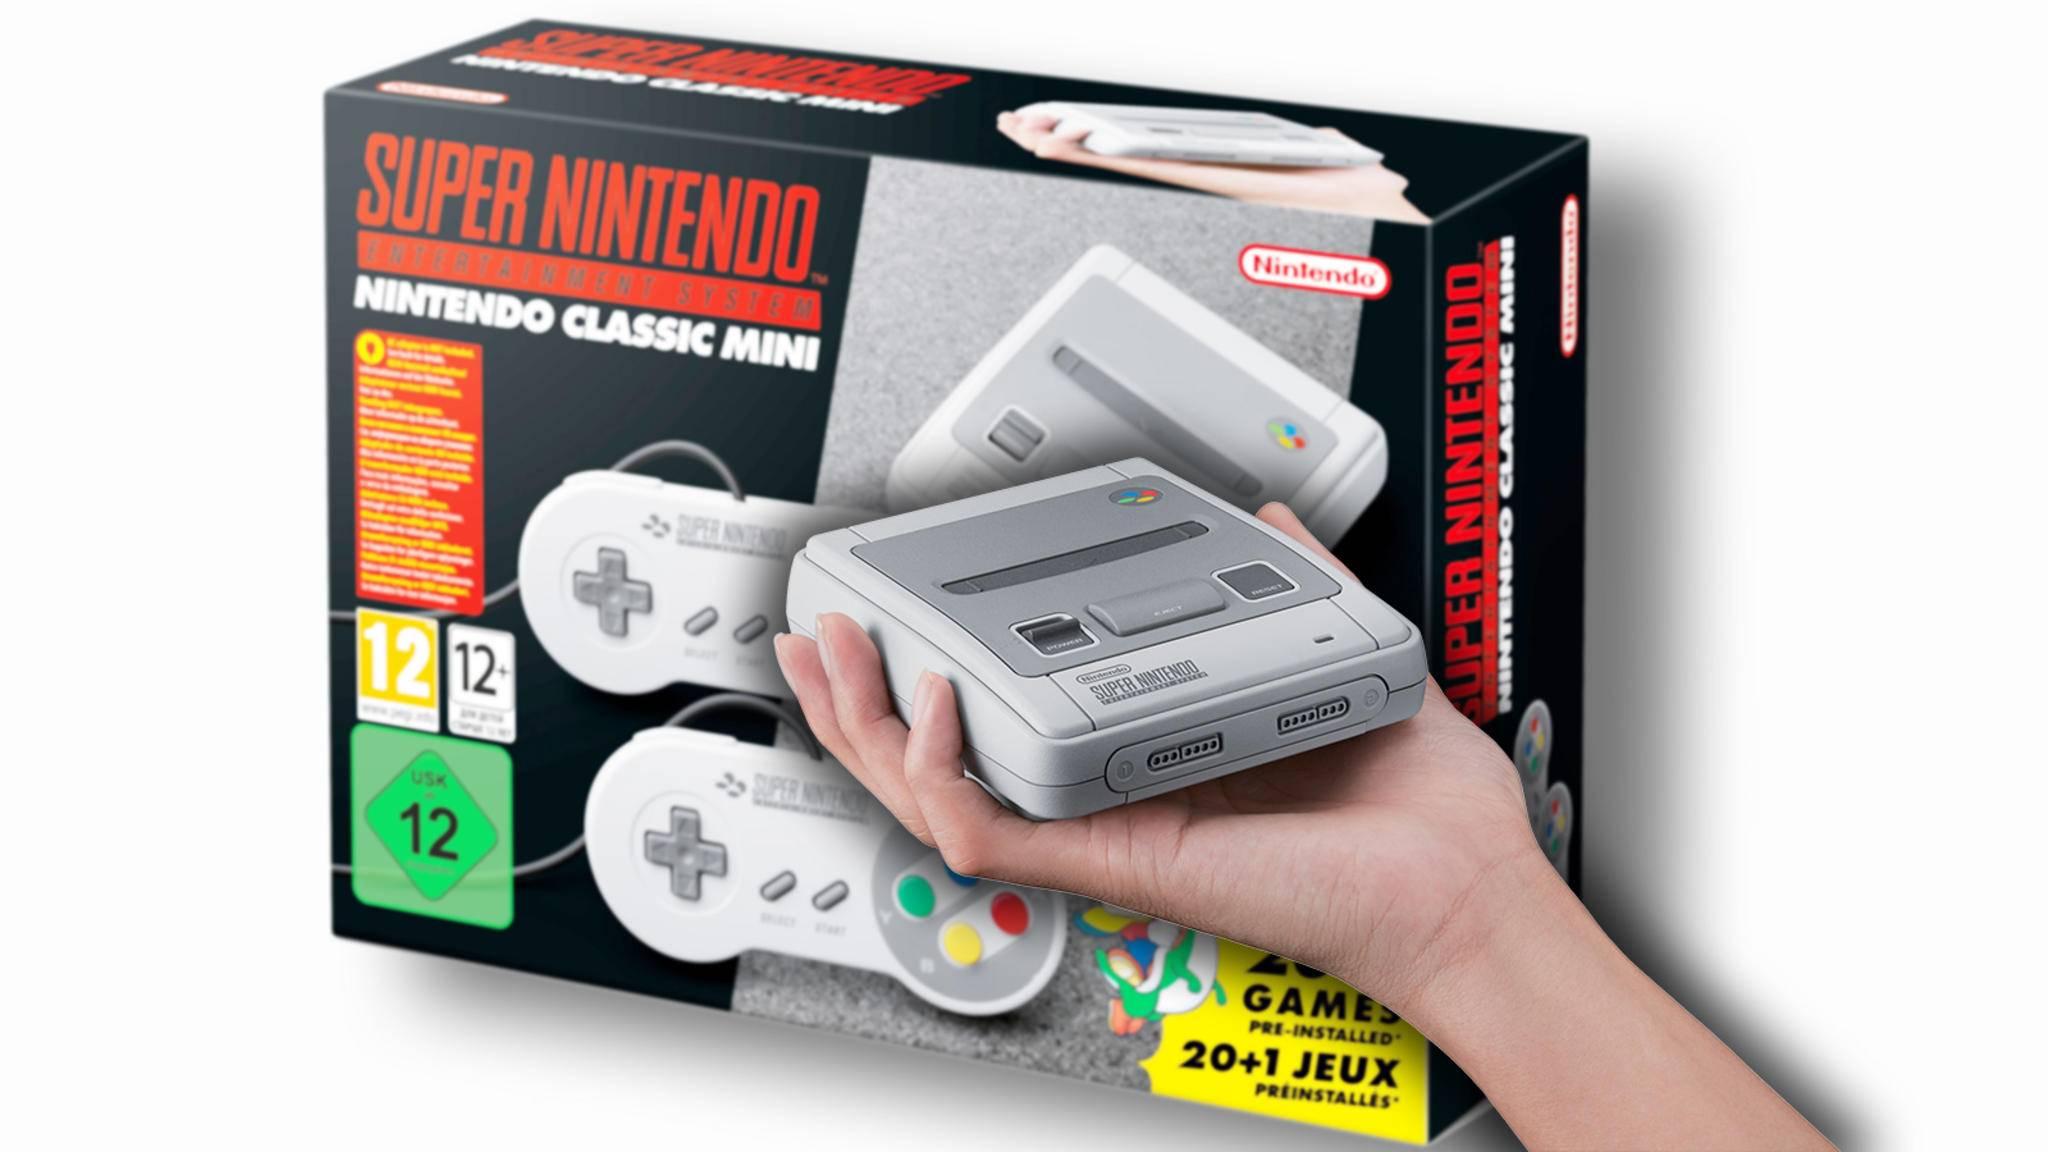 Die handliche Version des SNES soll laut Nintendo in ausreichender Stückzahl zur Verfügung stehen.